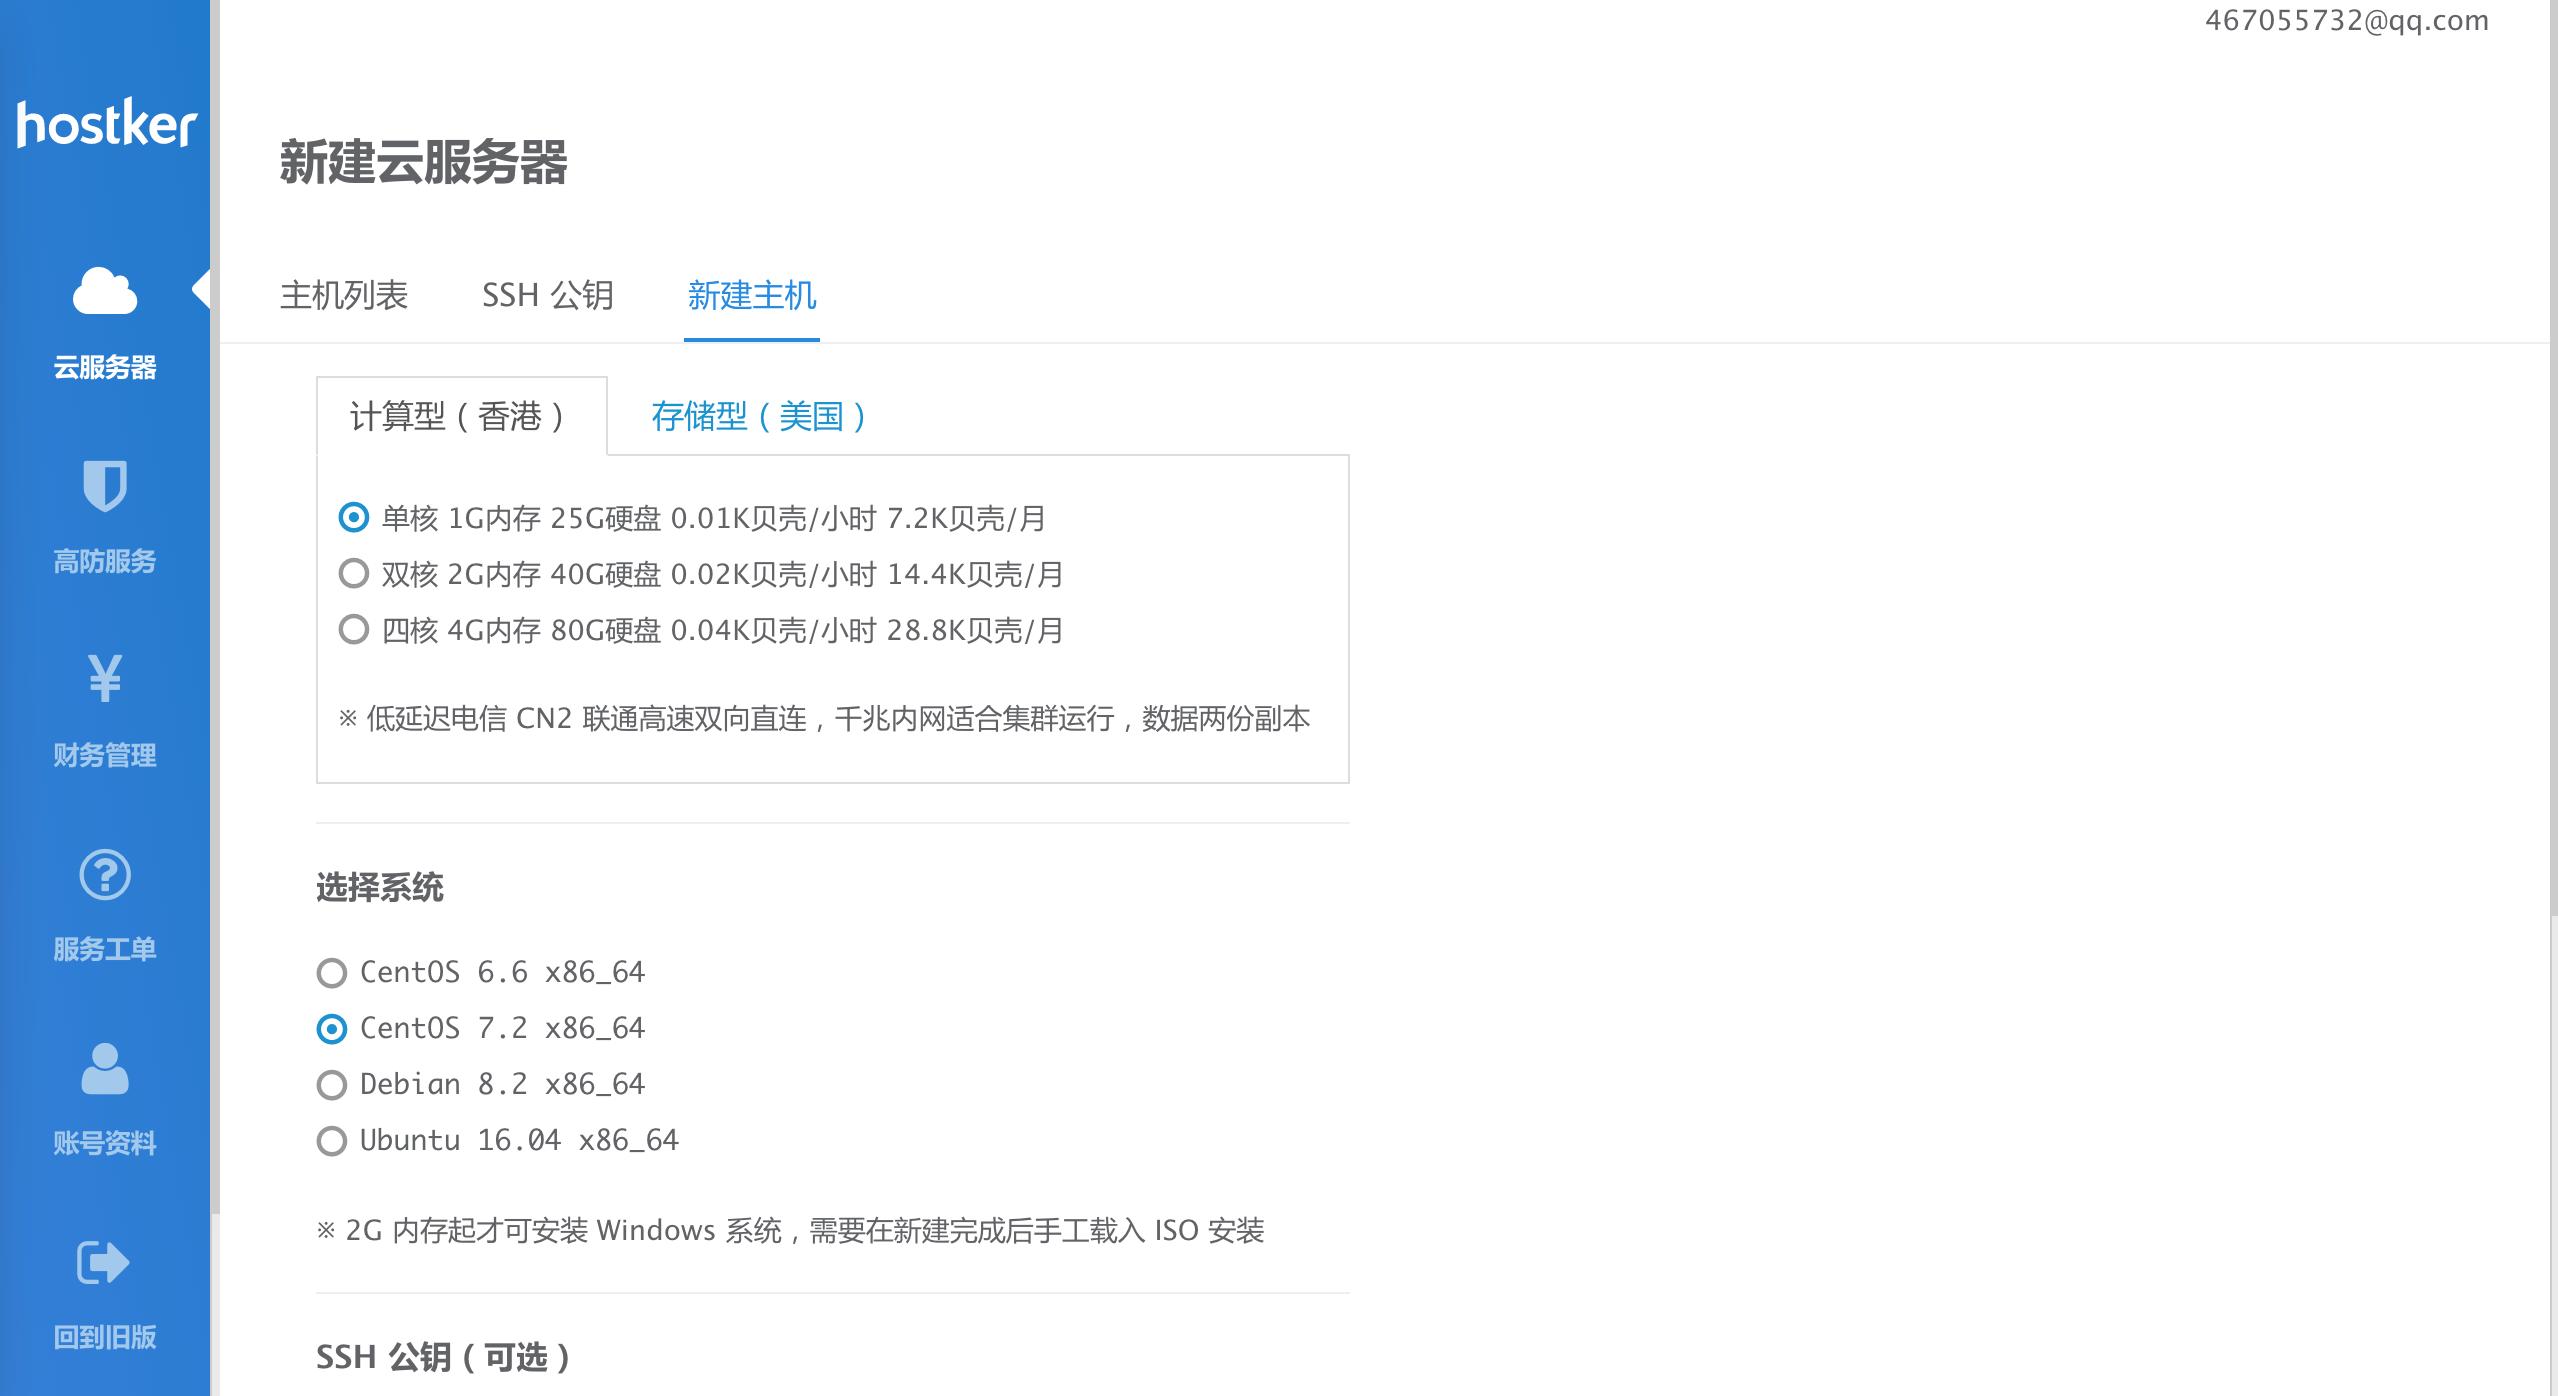 [使用测评]Hostker / 主机壳 - 可能是最萌的云计算/虚拟主机服务商